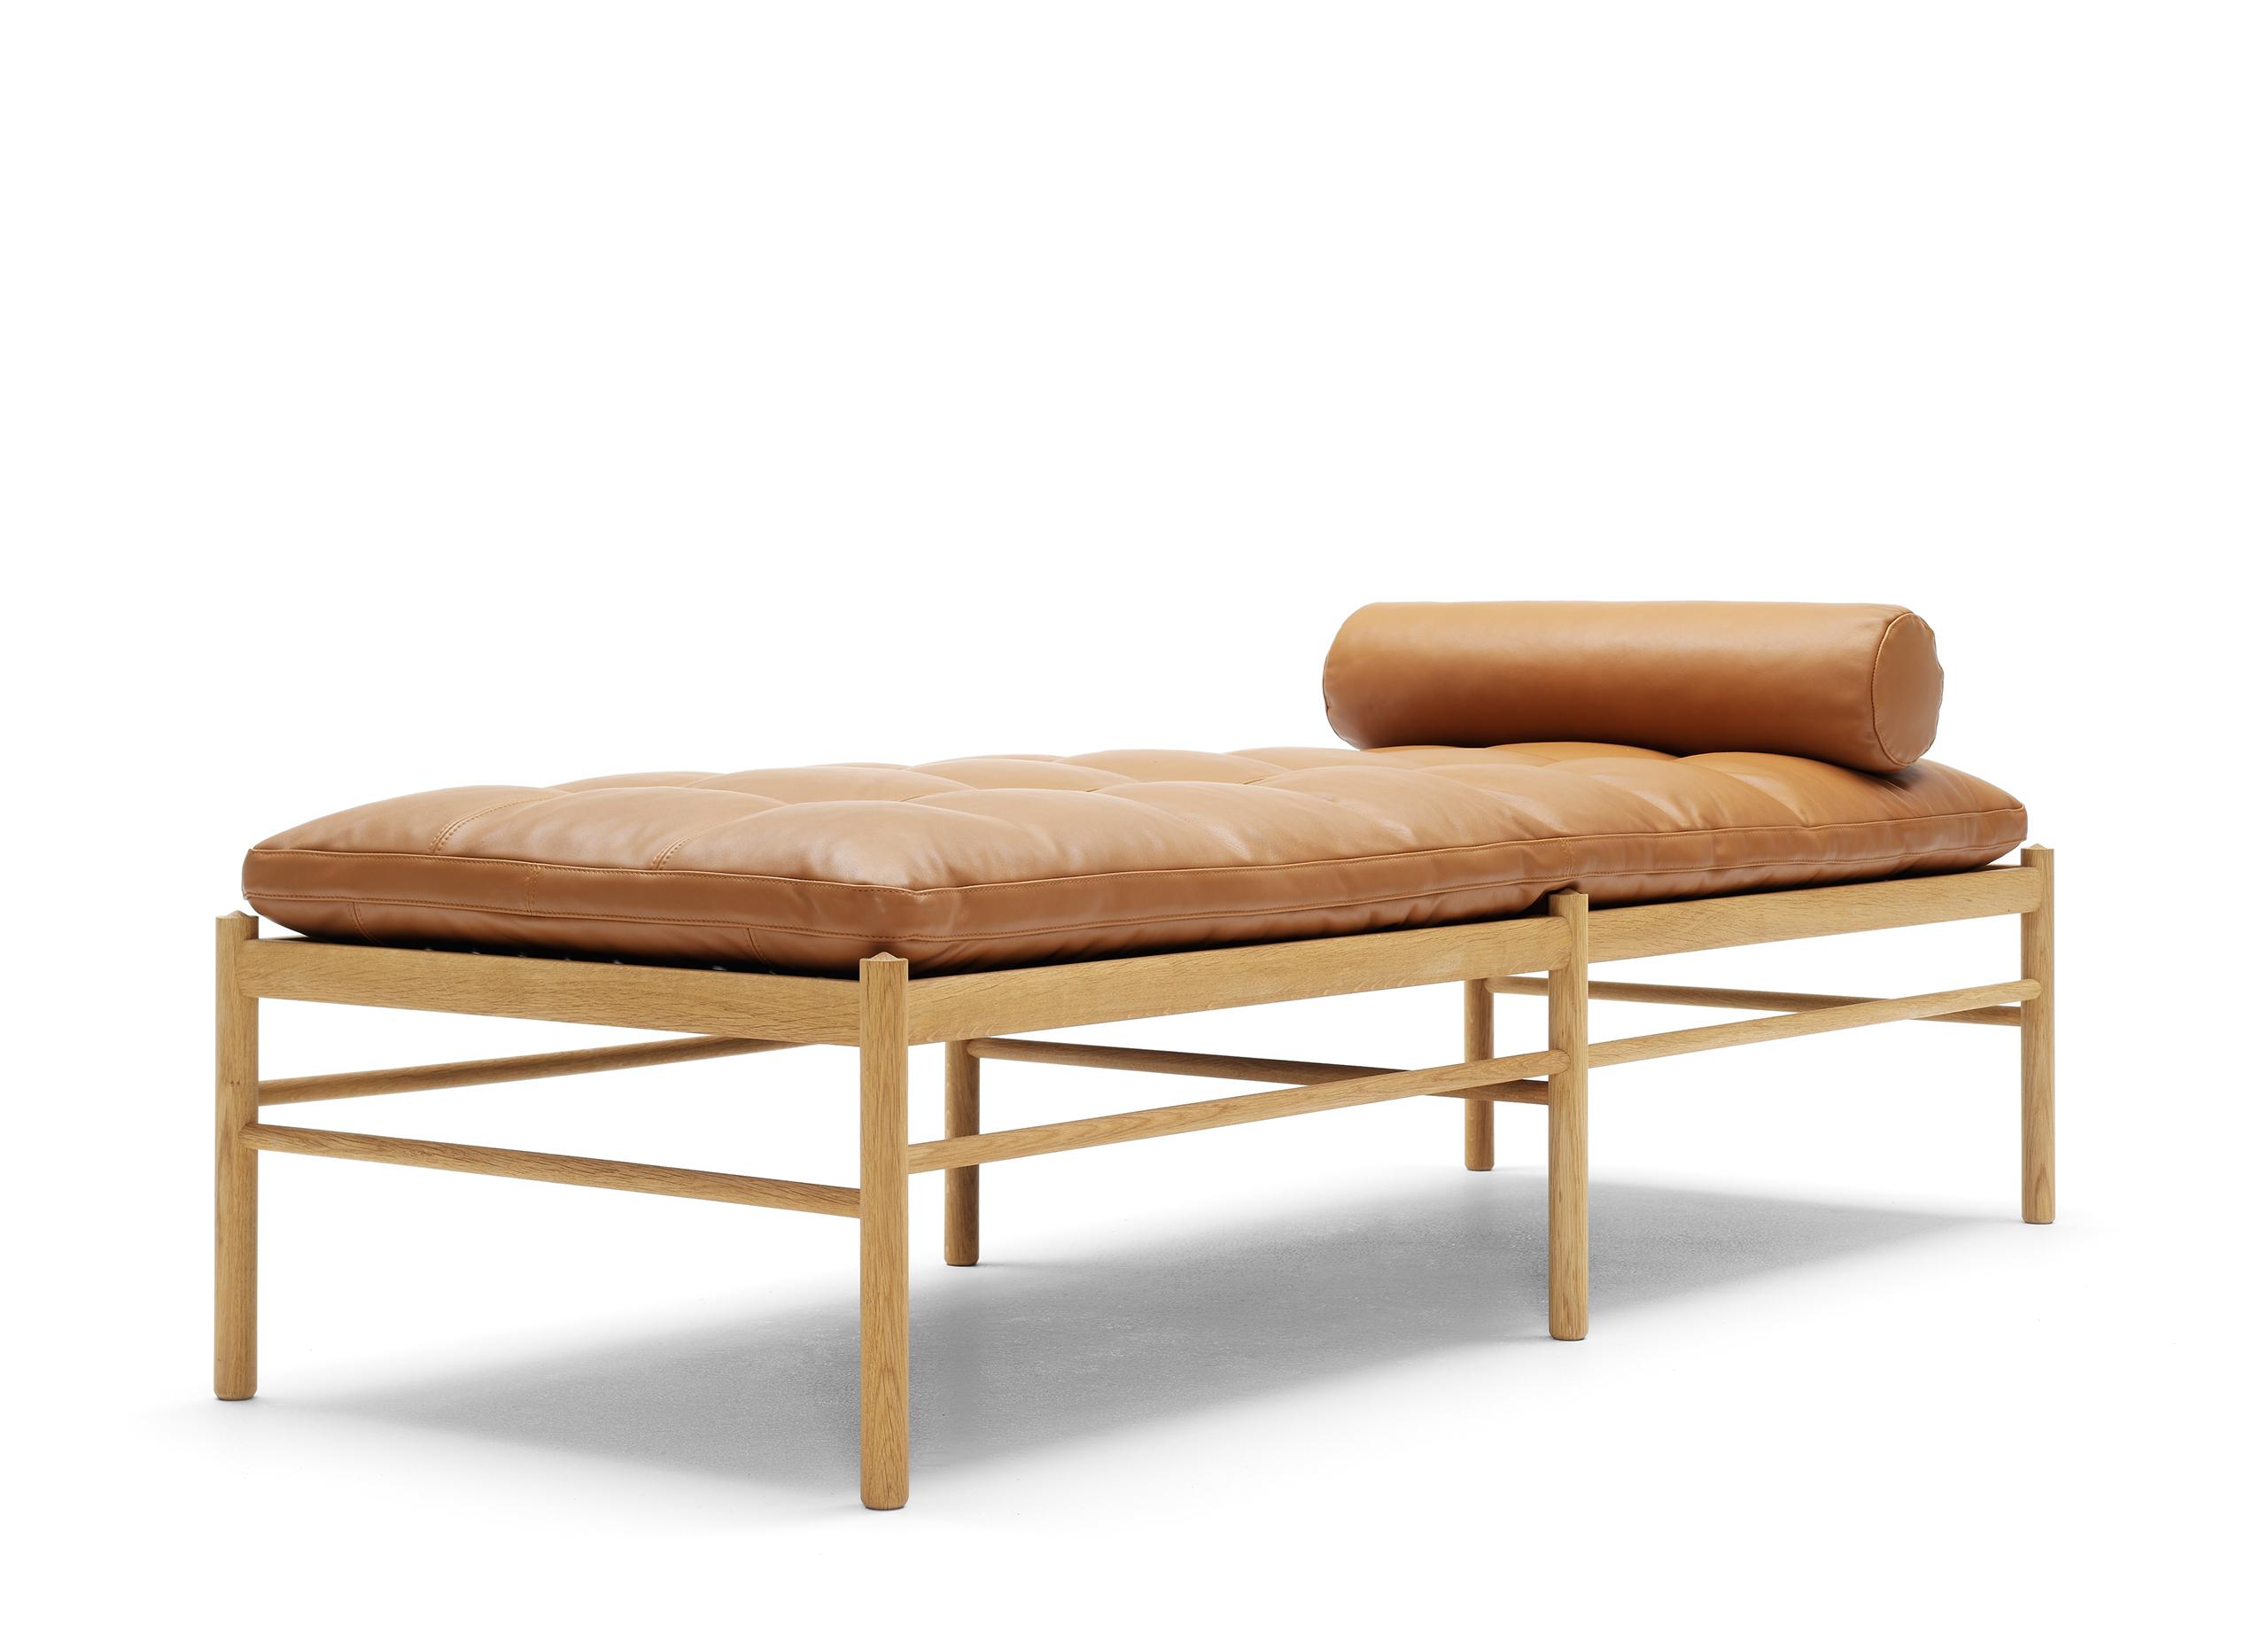 carl hansen s n ow150 daybed versandkostenfrei. Black Bedroom Furniture Sets. Home Design Ideas